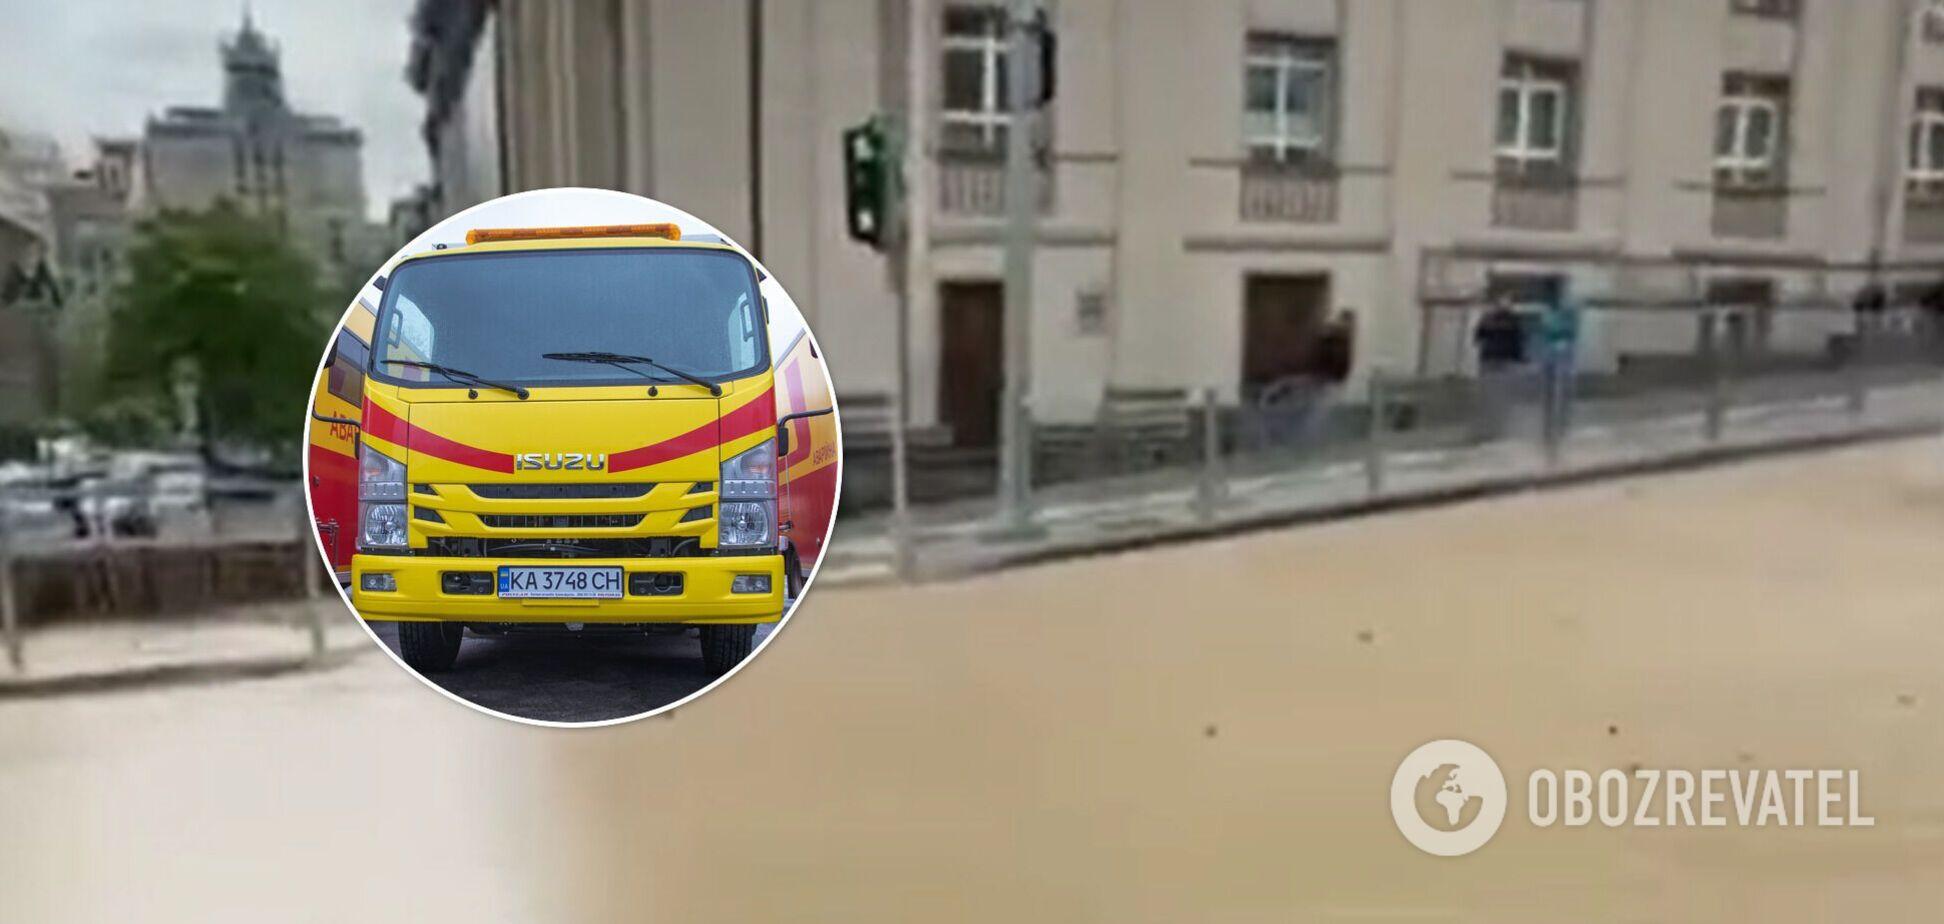 У центрі Києва стався потоп через прорив труби з окропом. Відео